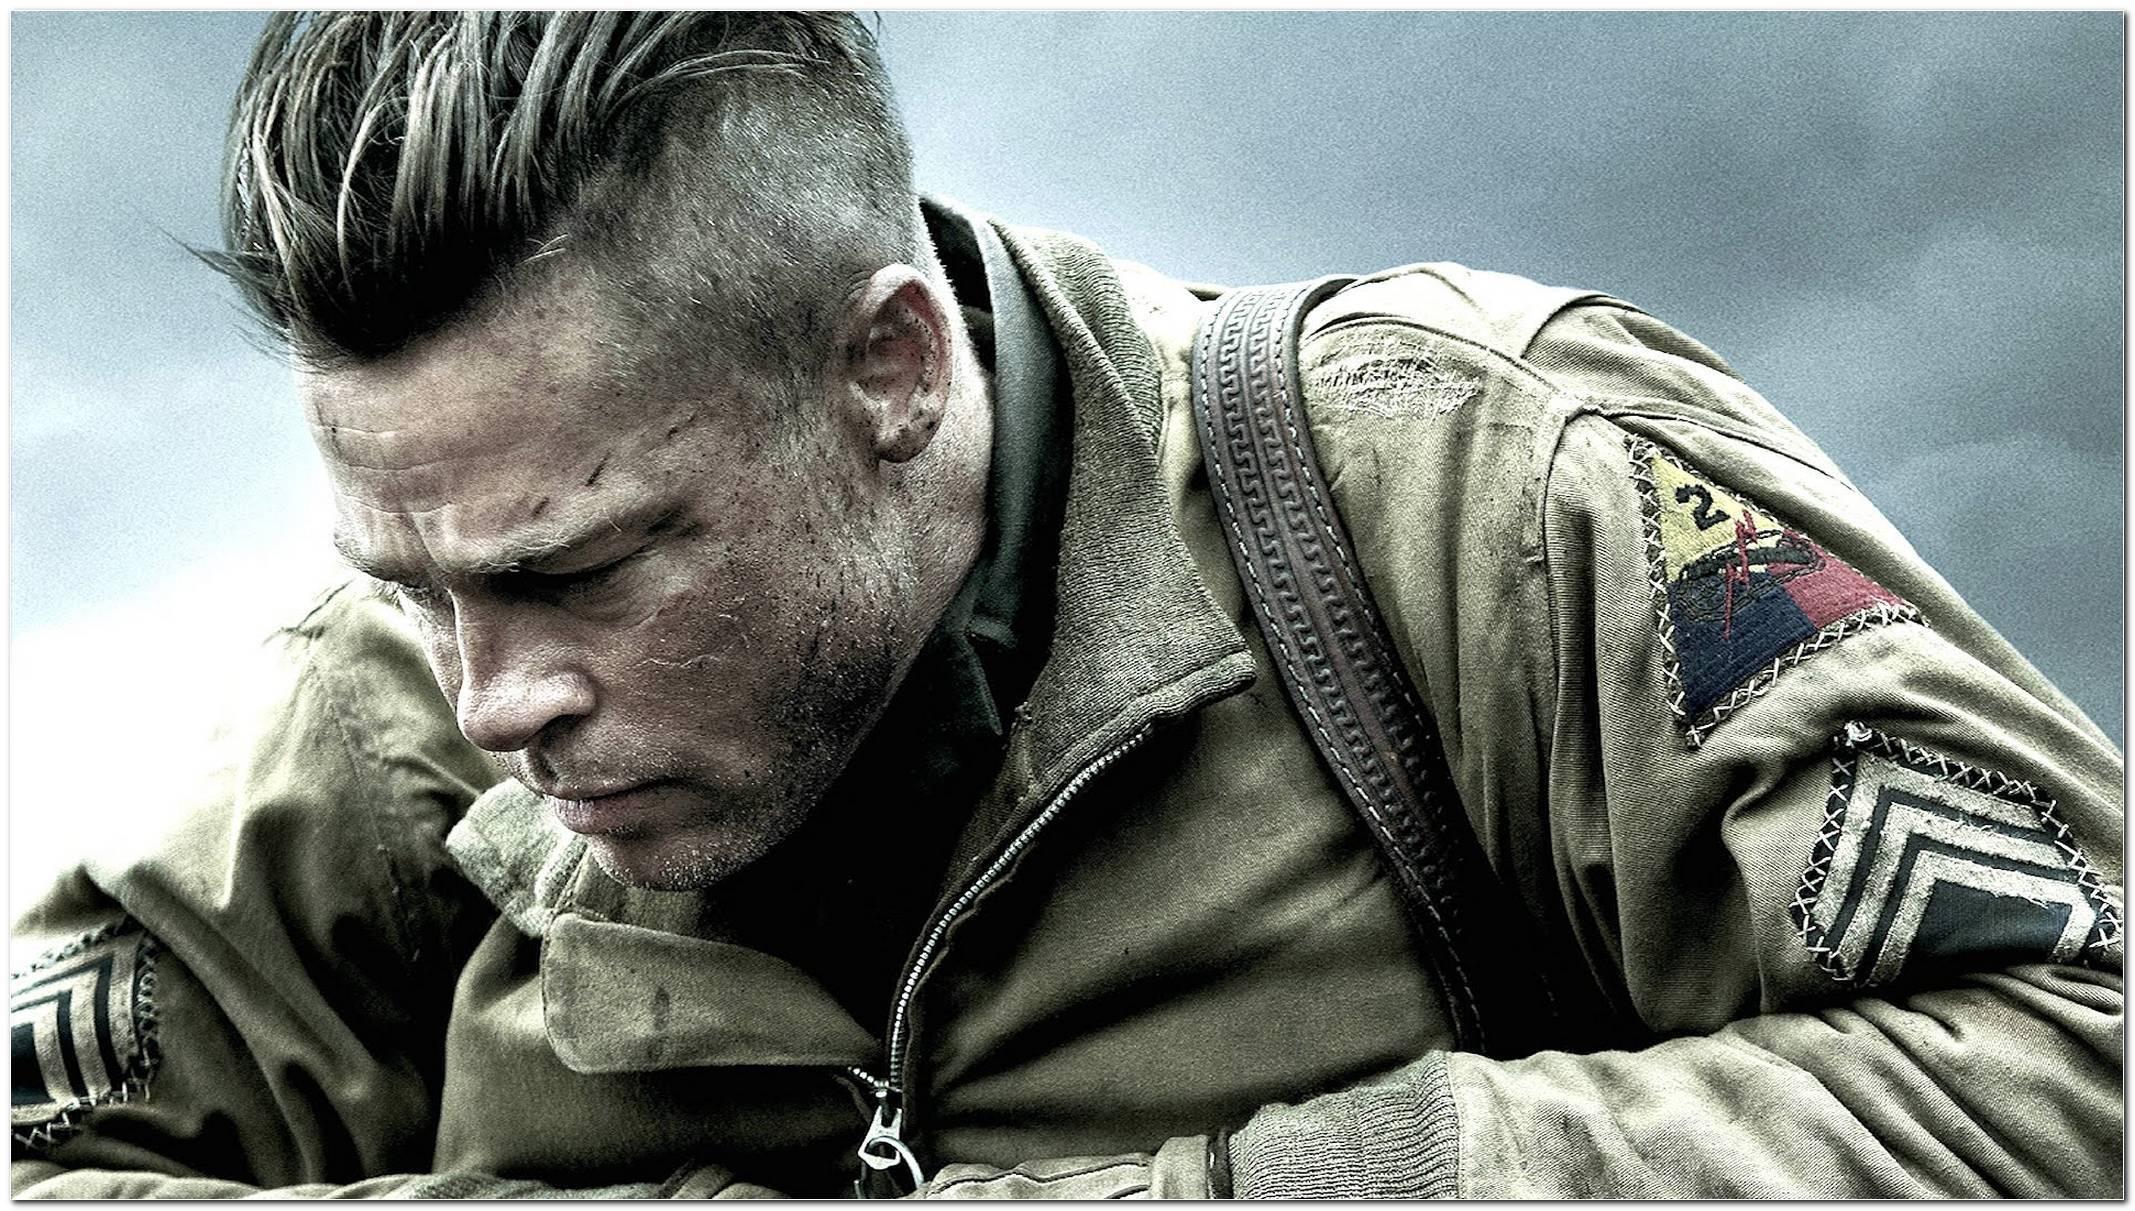 Brad Pitt Herz Aus Stahl Frisur